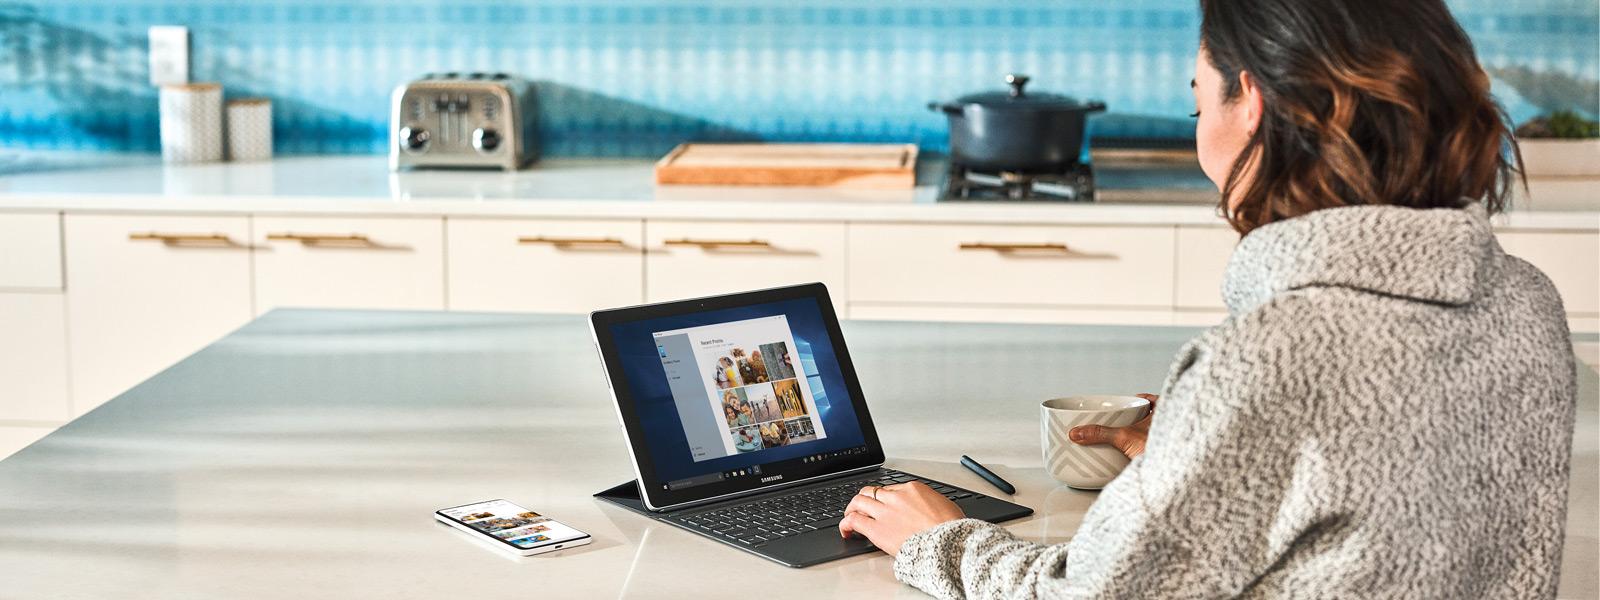 Žena sedící u kuchyňského pultu, používající mobilní telefon a přenosný počítač se systémem Windows 10.